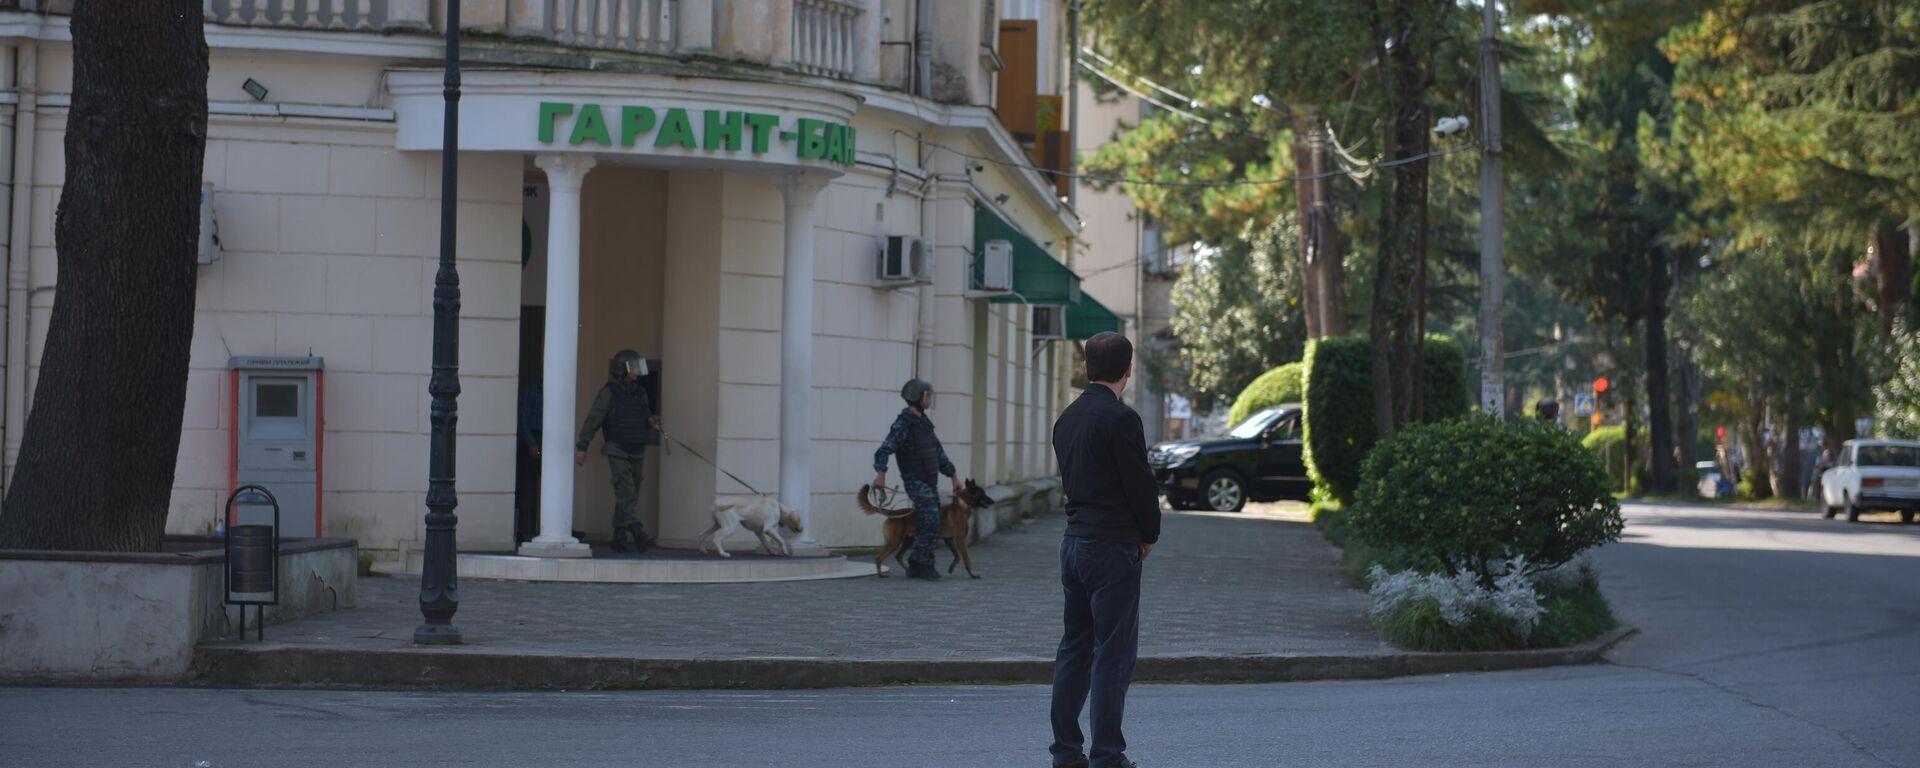 Гарант-Банк в Сухуме окружили сотрудники правоохранительных органов - Sputnik Абхазия, 1920, 13.10.2021